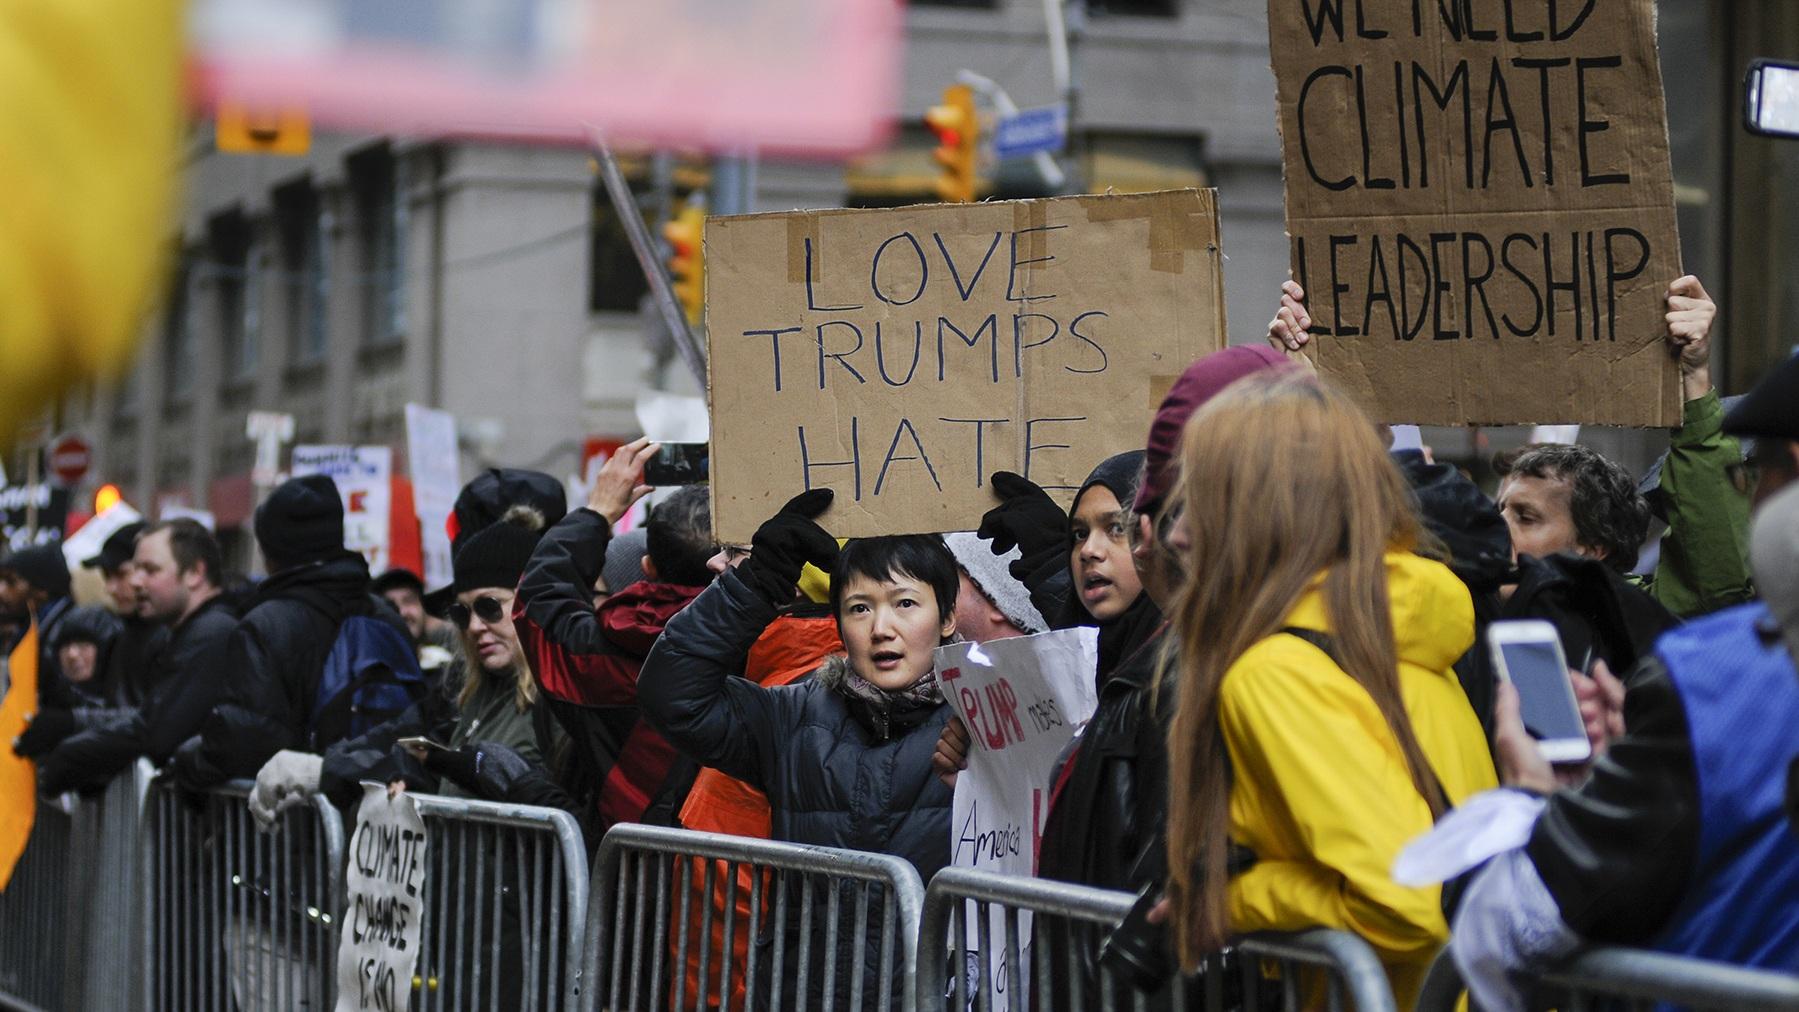 Protest tegen leiderschap Trump